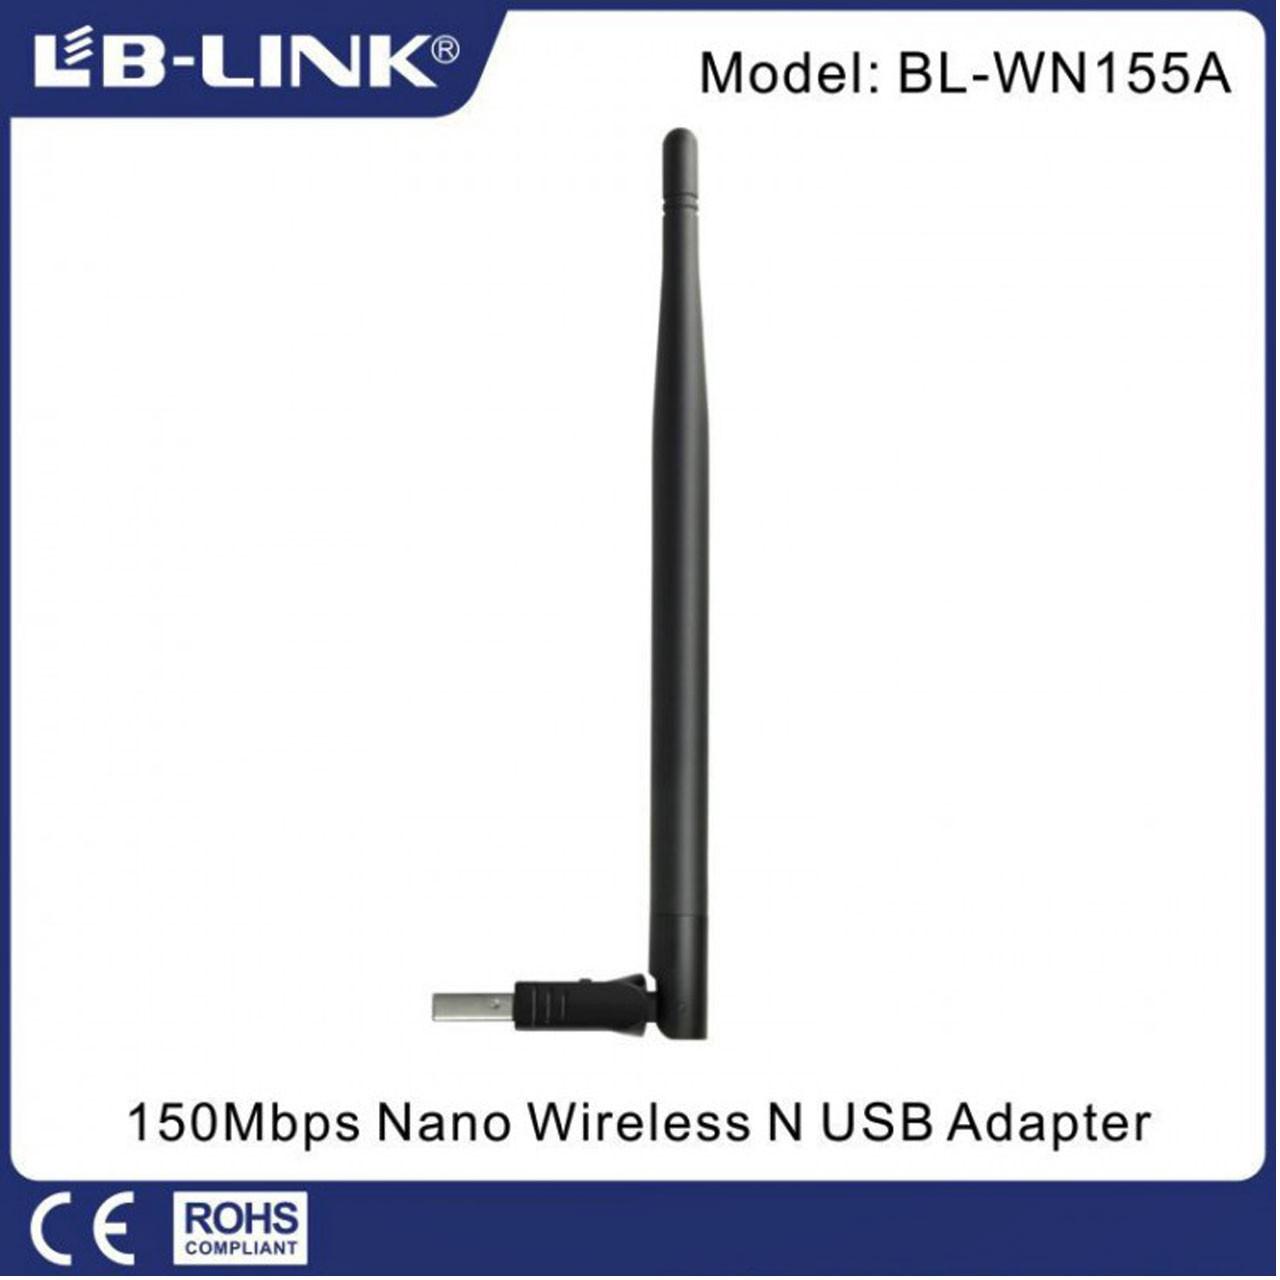 کارت شبکه وایرلس آنتن دار LB-LINK 150Mbps BL-WN155A